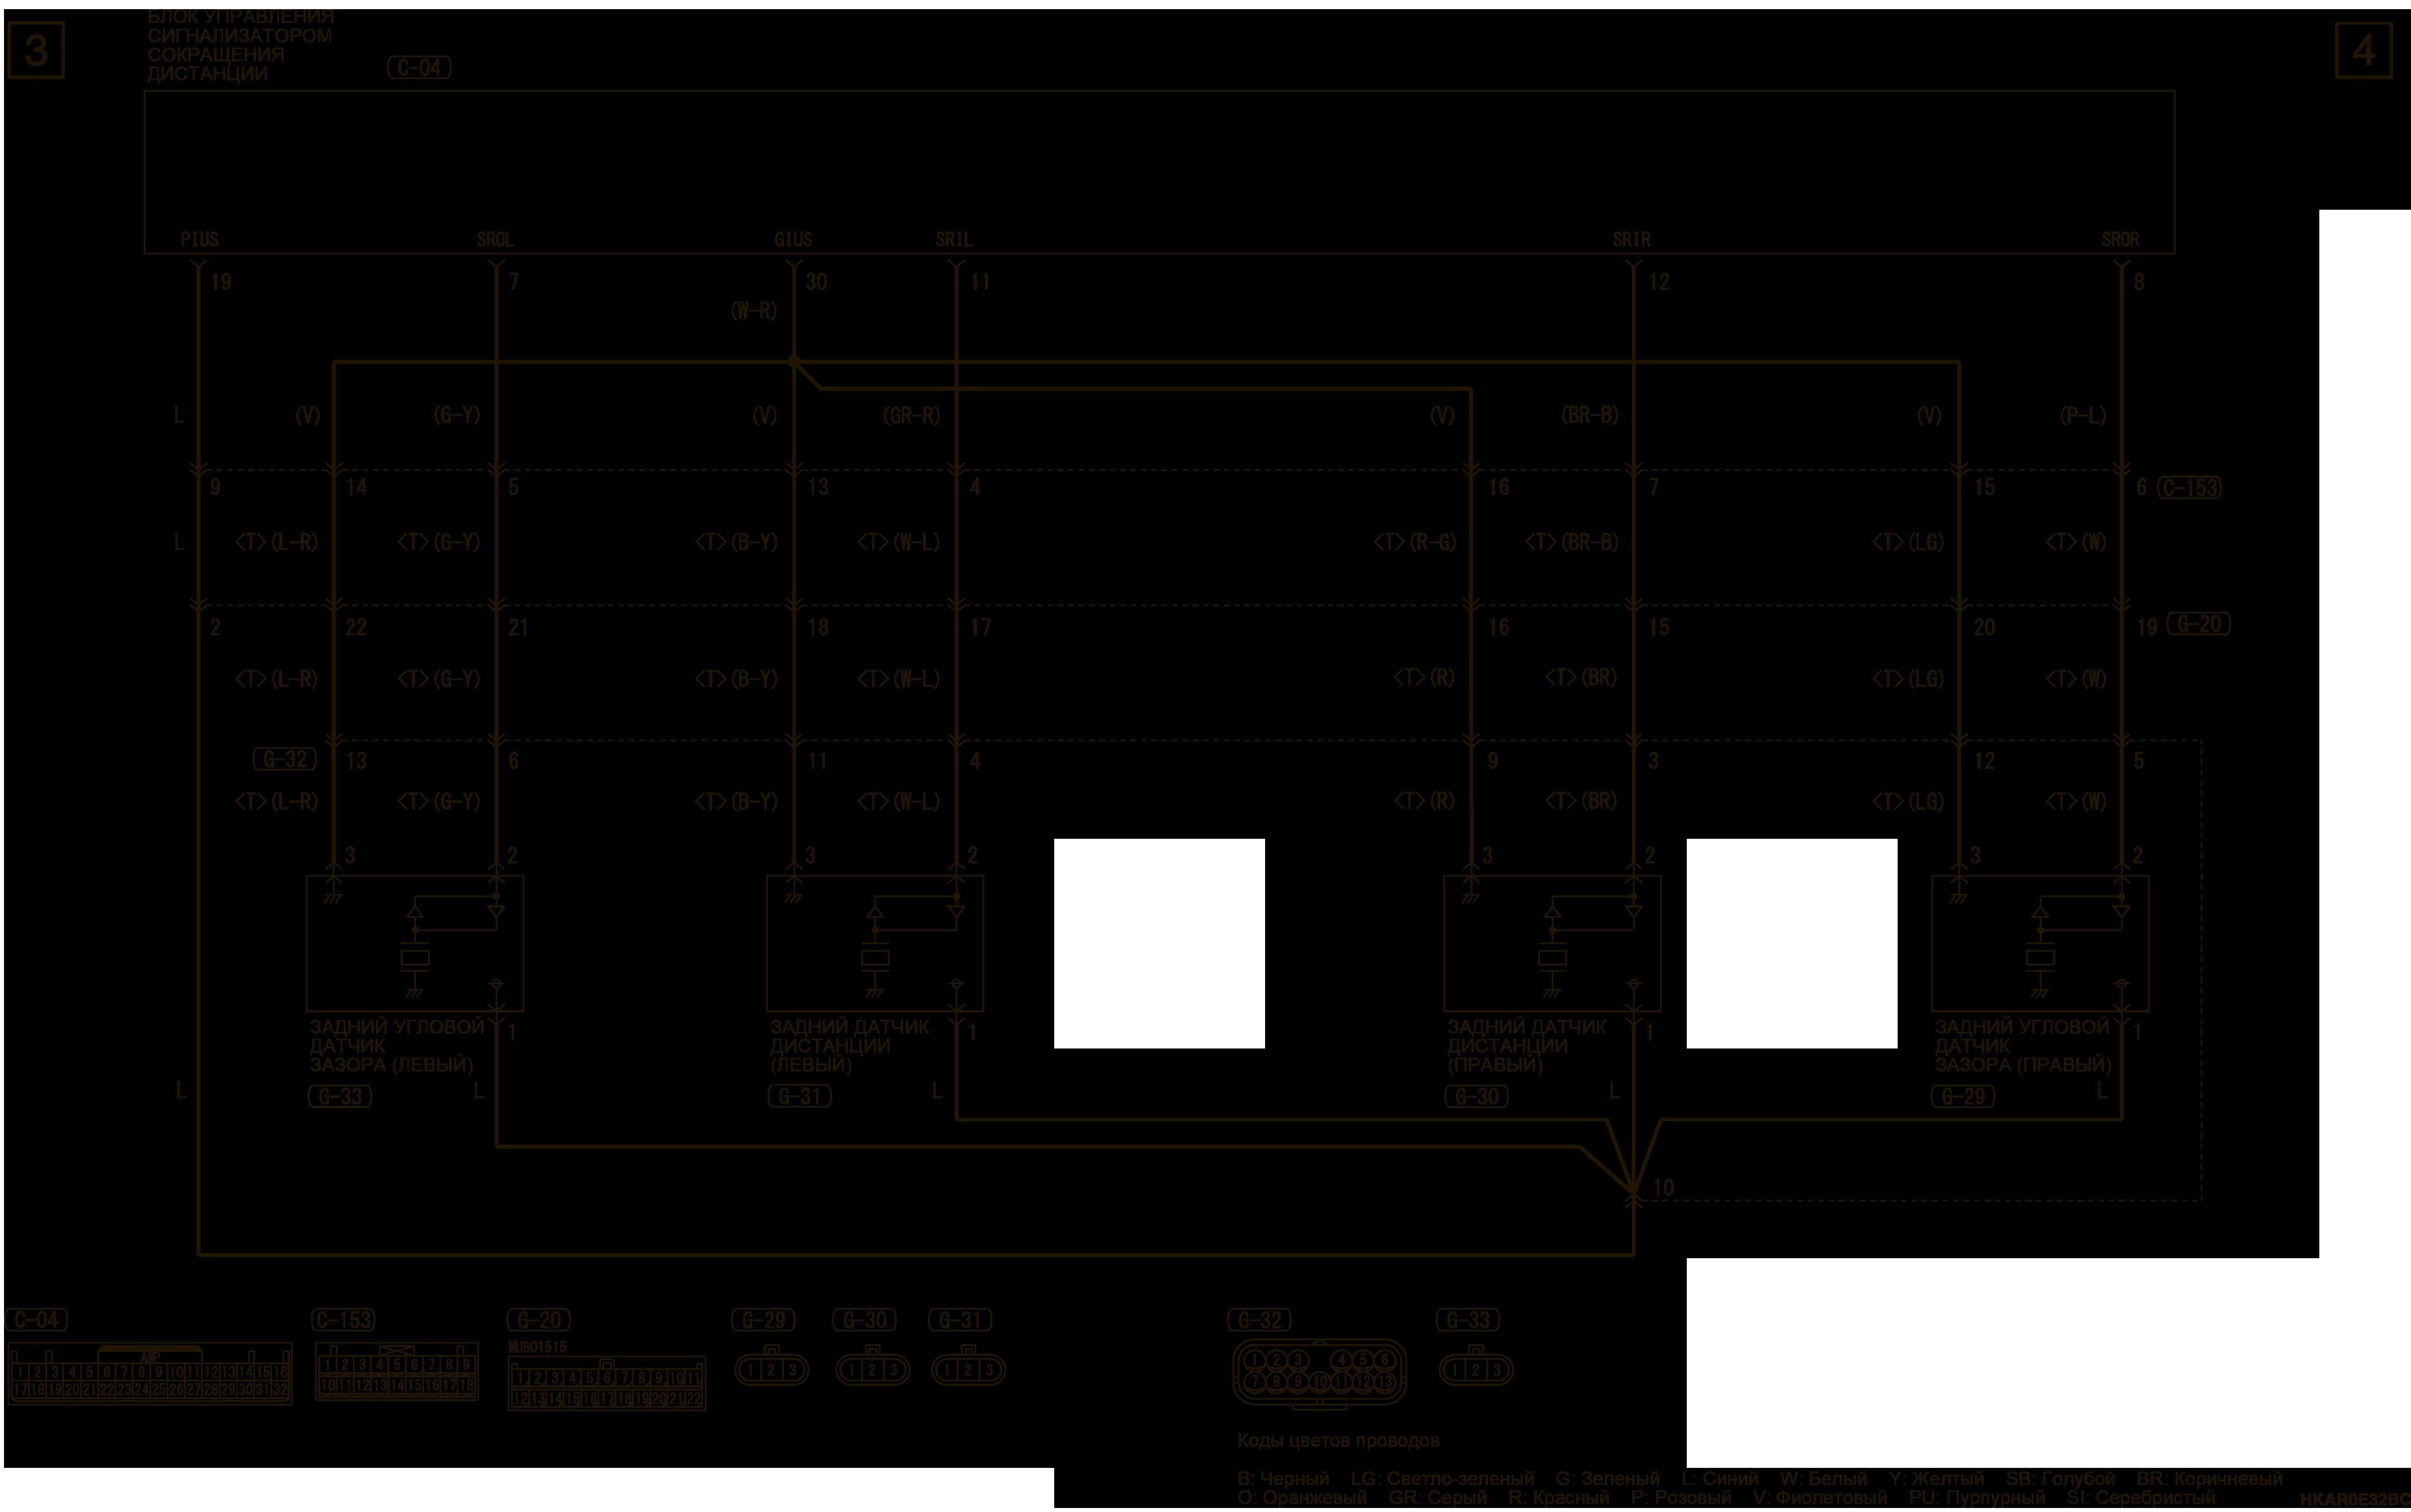 mmc аутлендер 3 2019 электросхемаСИСТЕМА ПОМОЩИ ПРИ ПАРКОВКЕ АВТОМОБИЛИ БЕЗ СИСТЕМЫ ПРЕДОТВРАЩЕНИЯ СТОЛКНОВЕНИЯ НА ПАРКОВКЕ/СИСТЕМЫ УГЛОВЫХ ДАТЧИКОВ (ПРАВОСТОРОННЕЕ УПРАВЛЕНИЕ)